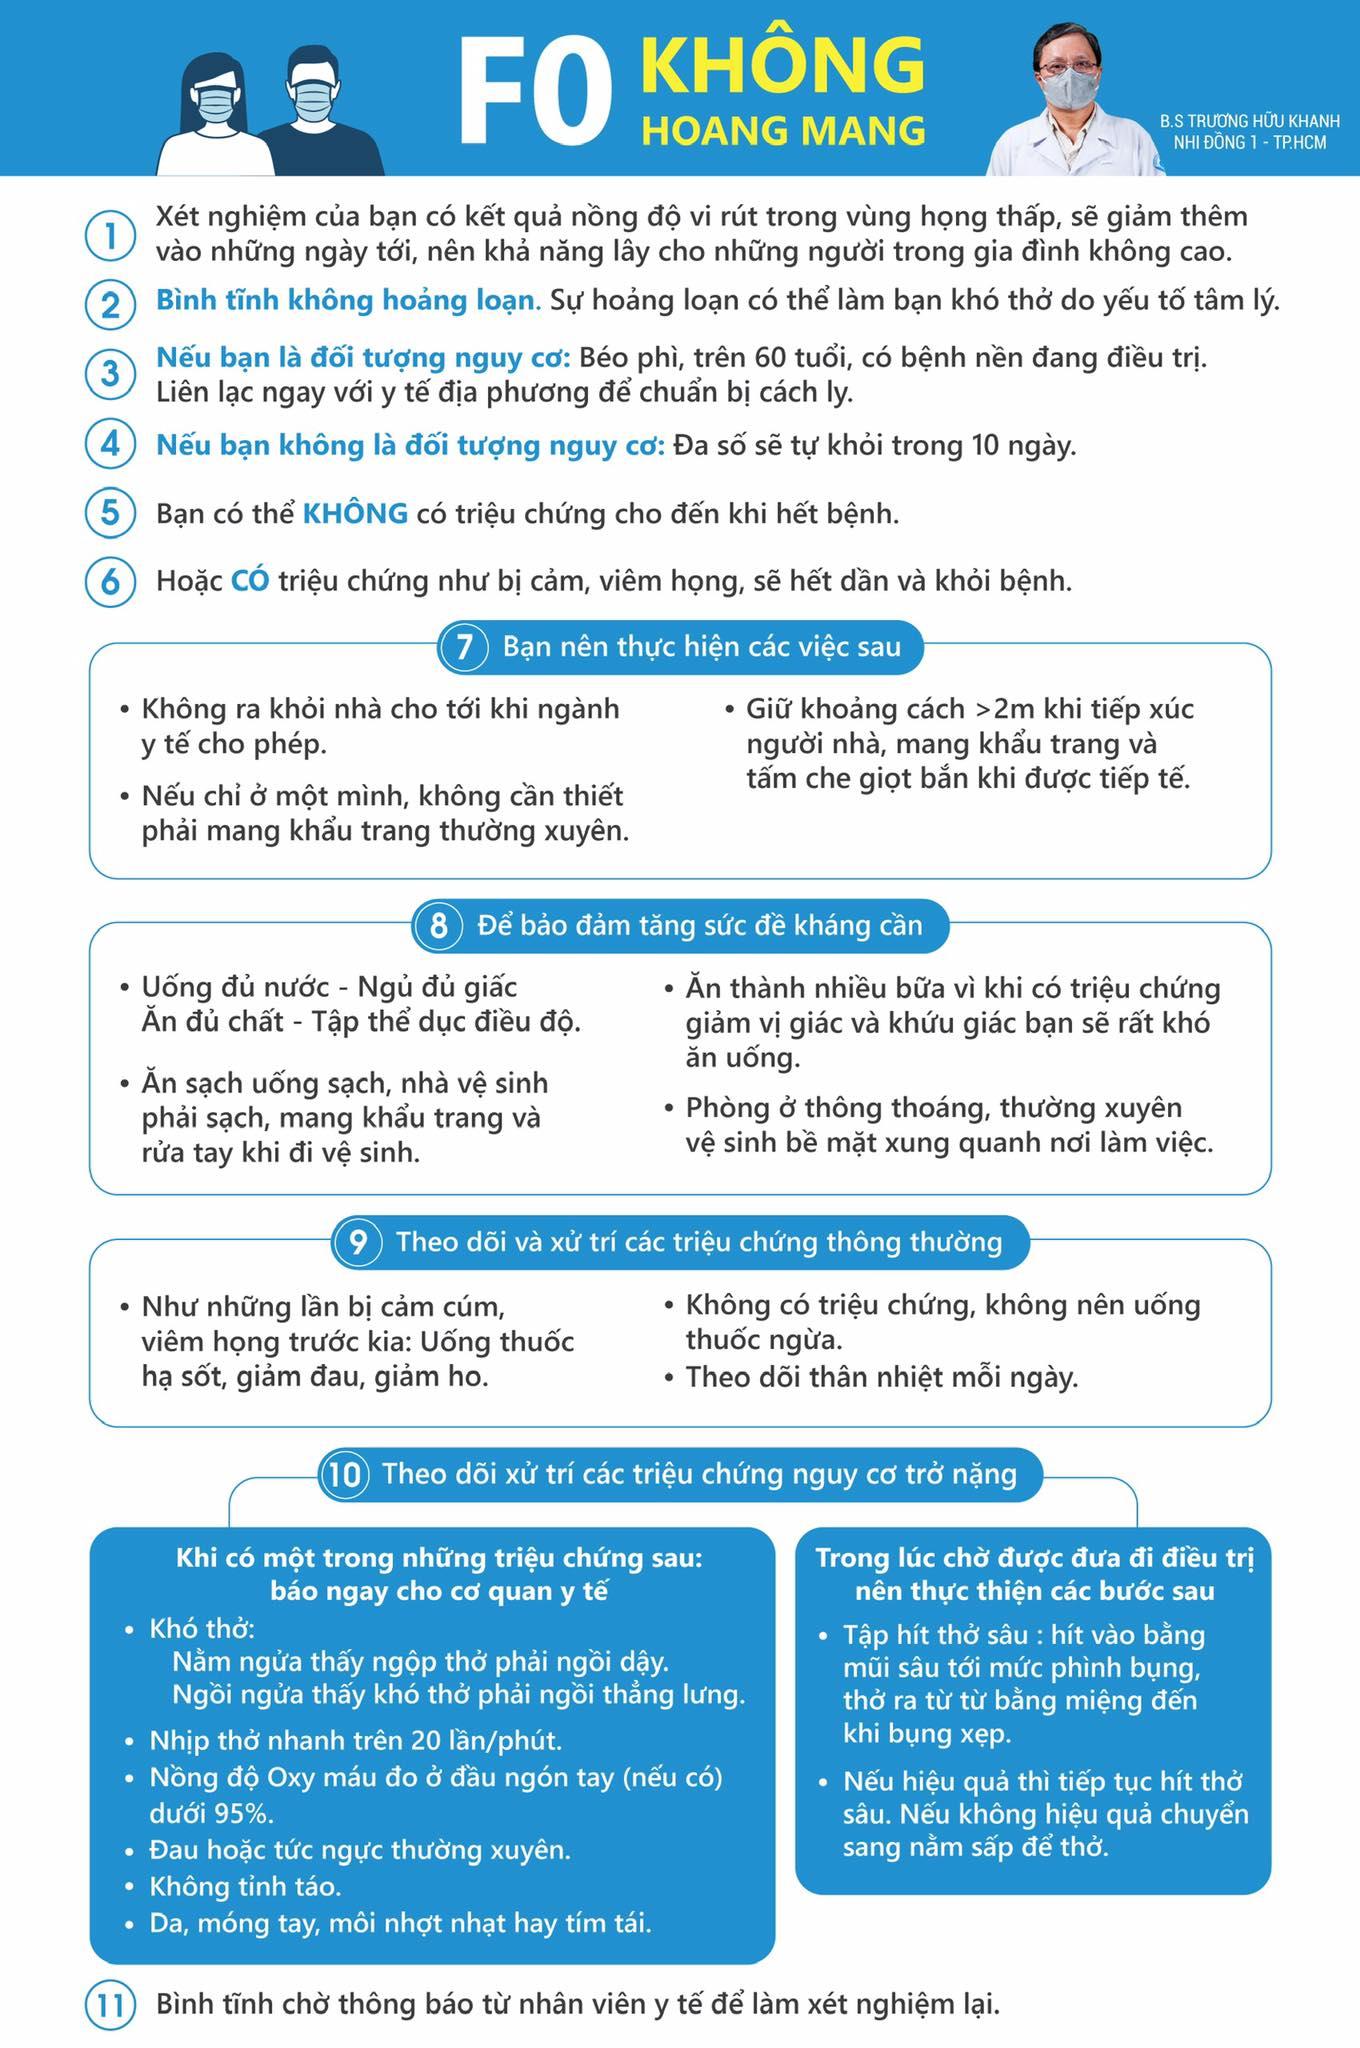 Infographic: F0 tại nhà cần nhớ những điều sau để dễ thở hơn - 3